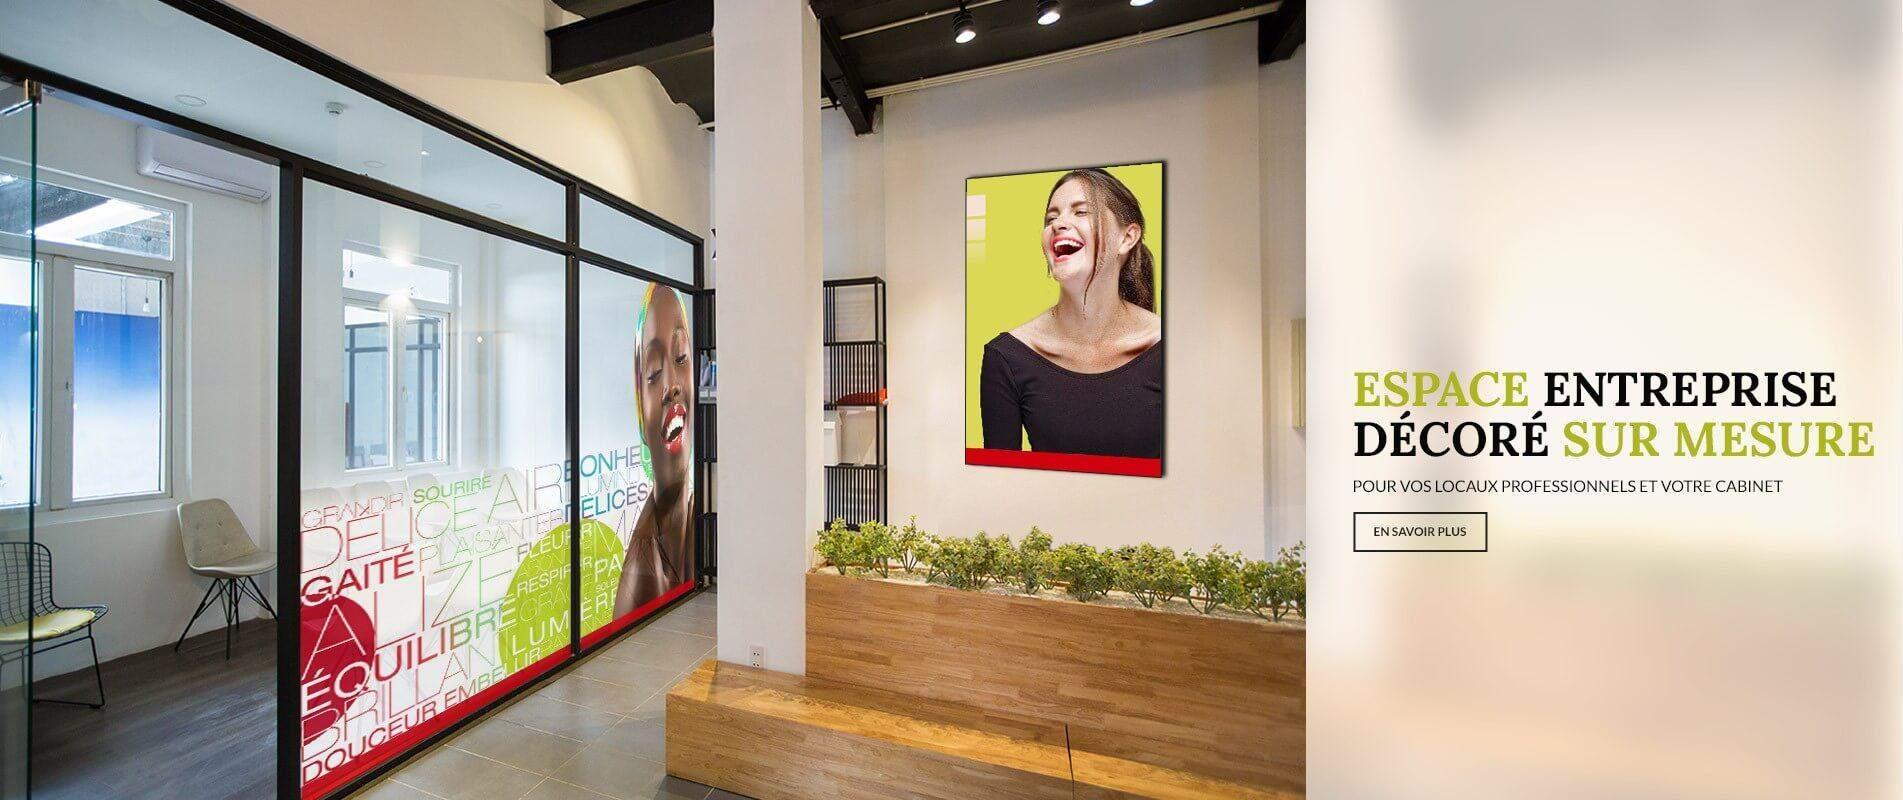 Nous créons vos espaces de bureau ou votre décoration personnelle sur mesure